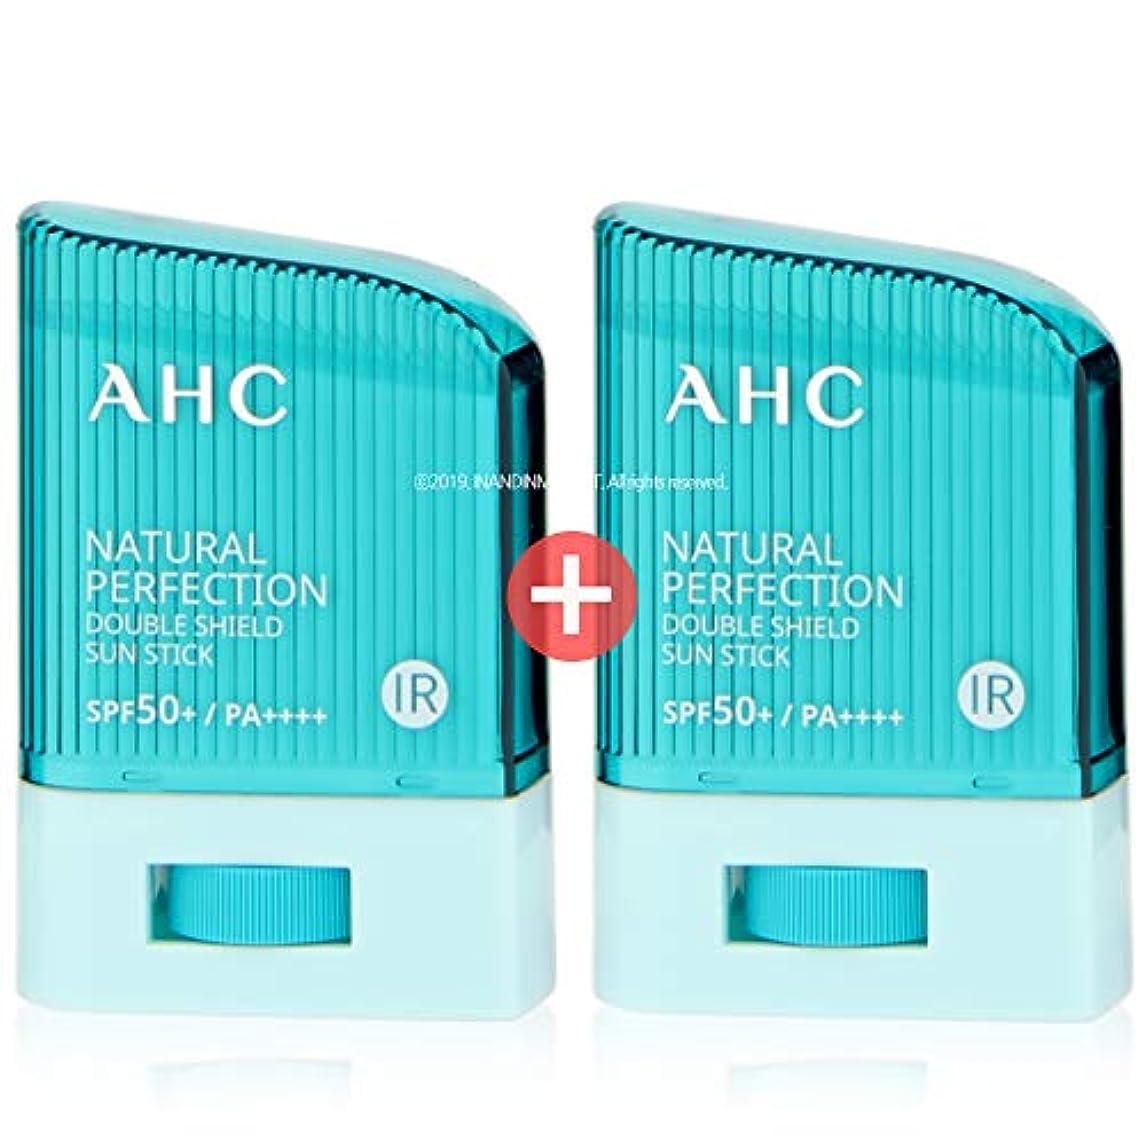 価値のないマイルドはい[ 1+1 ] AHC ナチュラルパーフェクションダブルシールドサンスティック 14g, Natural Perfection Double Shield Sun Stick SPF50+ PA++++